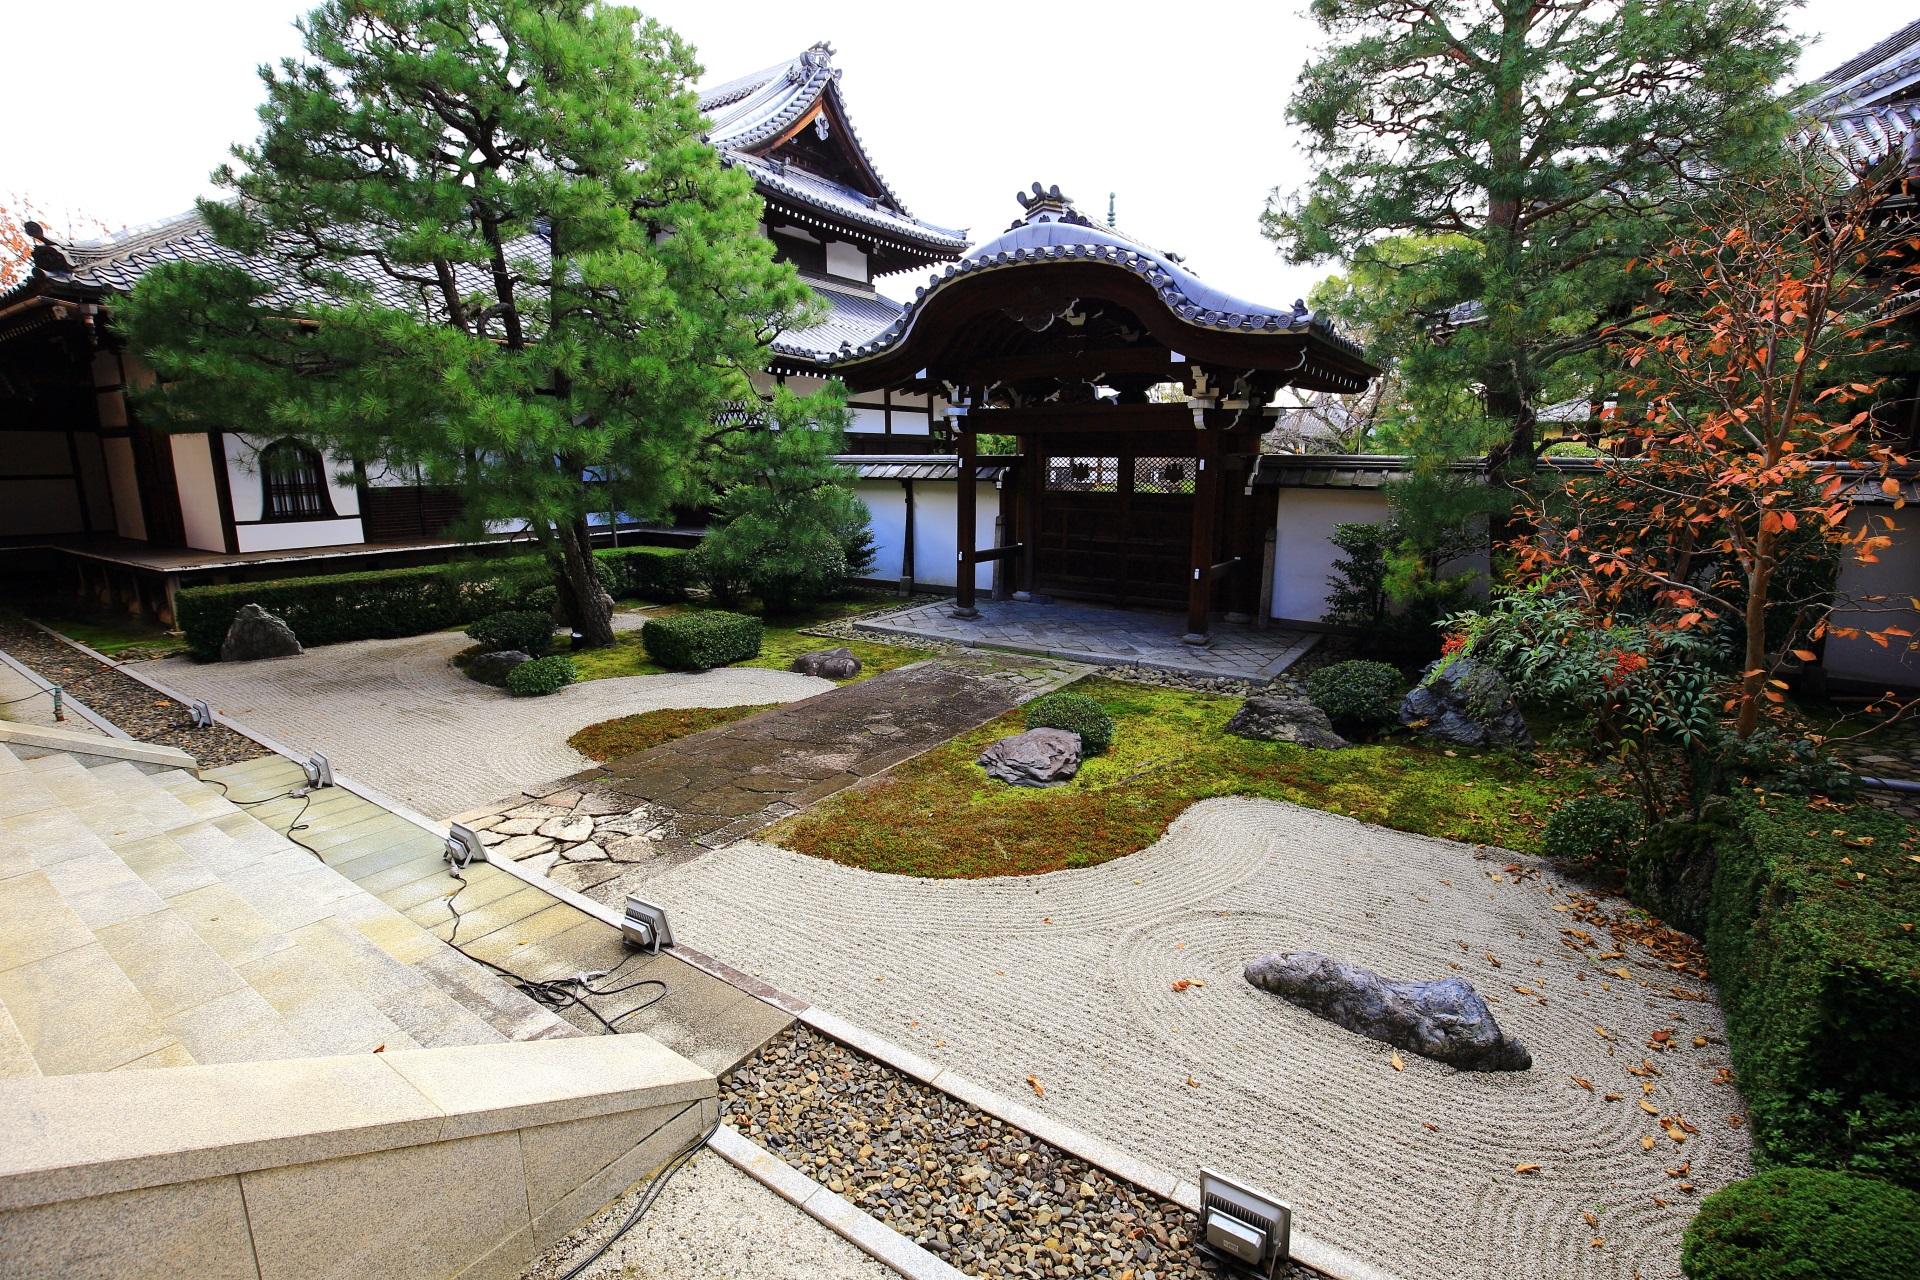 常緑の木々が多い本法寺の秋の十(つなし)の庭